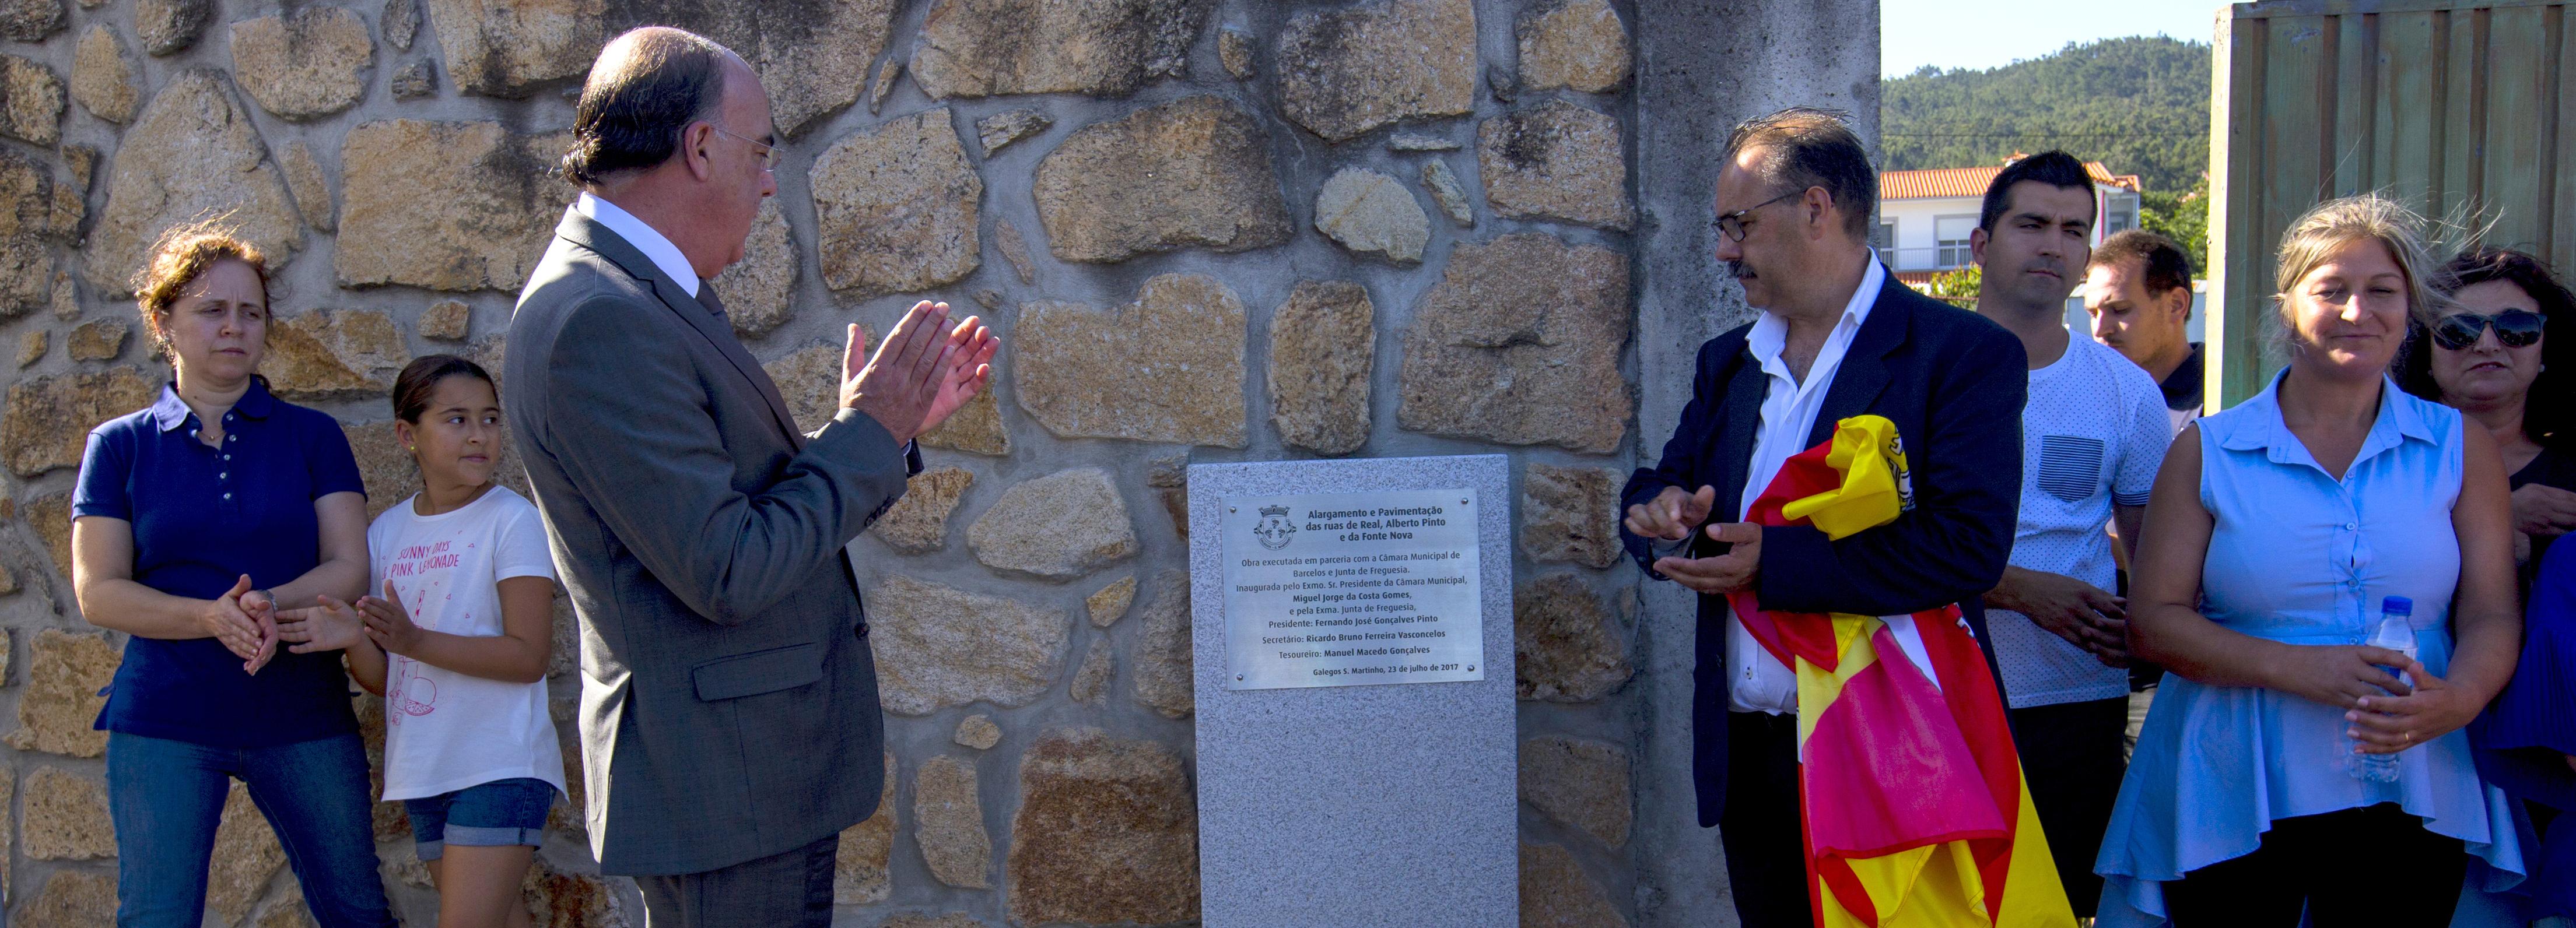 Presidente da Câmara inaugurou obras em Galegos S. Martinho